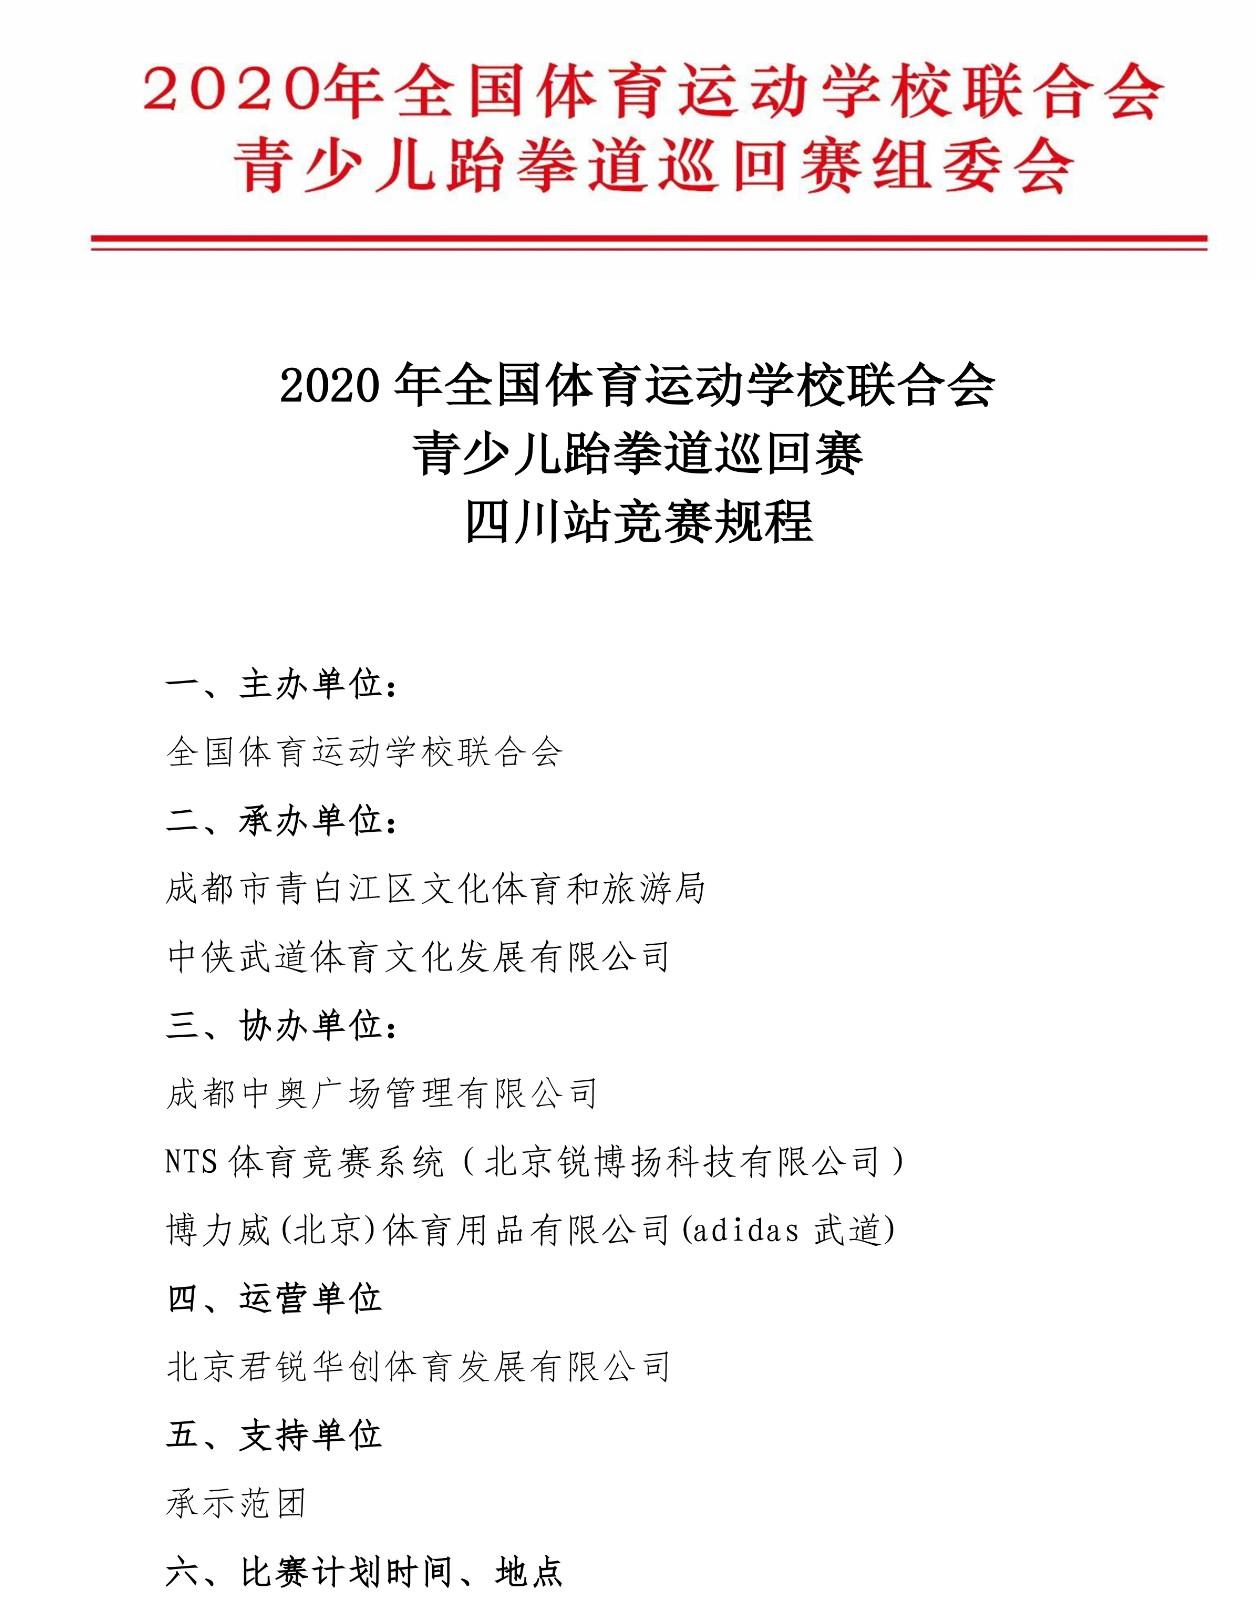 2020 年全国体育学校联合会青少儿跆拳道巡回赛四川站竞赛规程-1